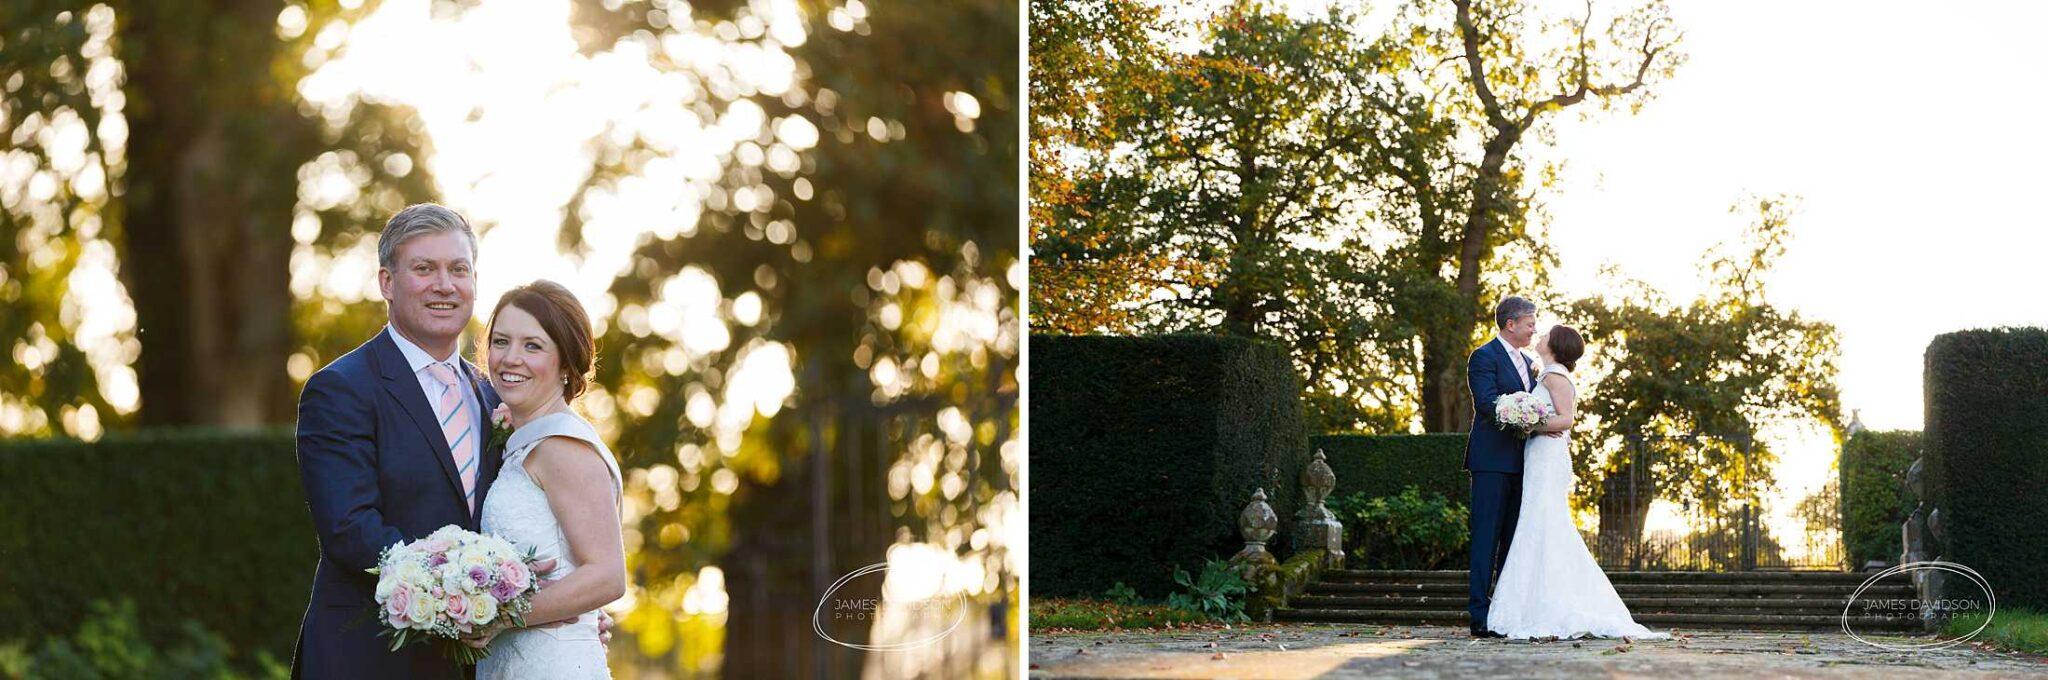 hengrave-autumn-wedding-065